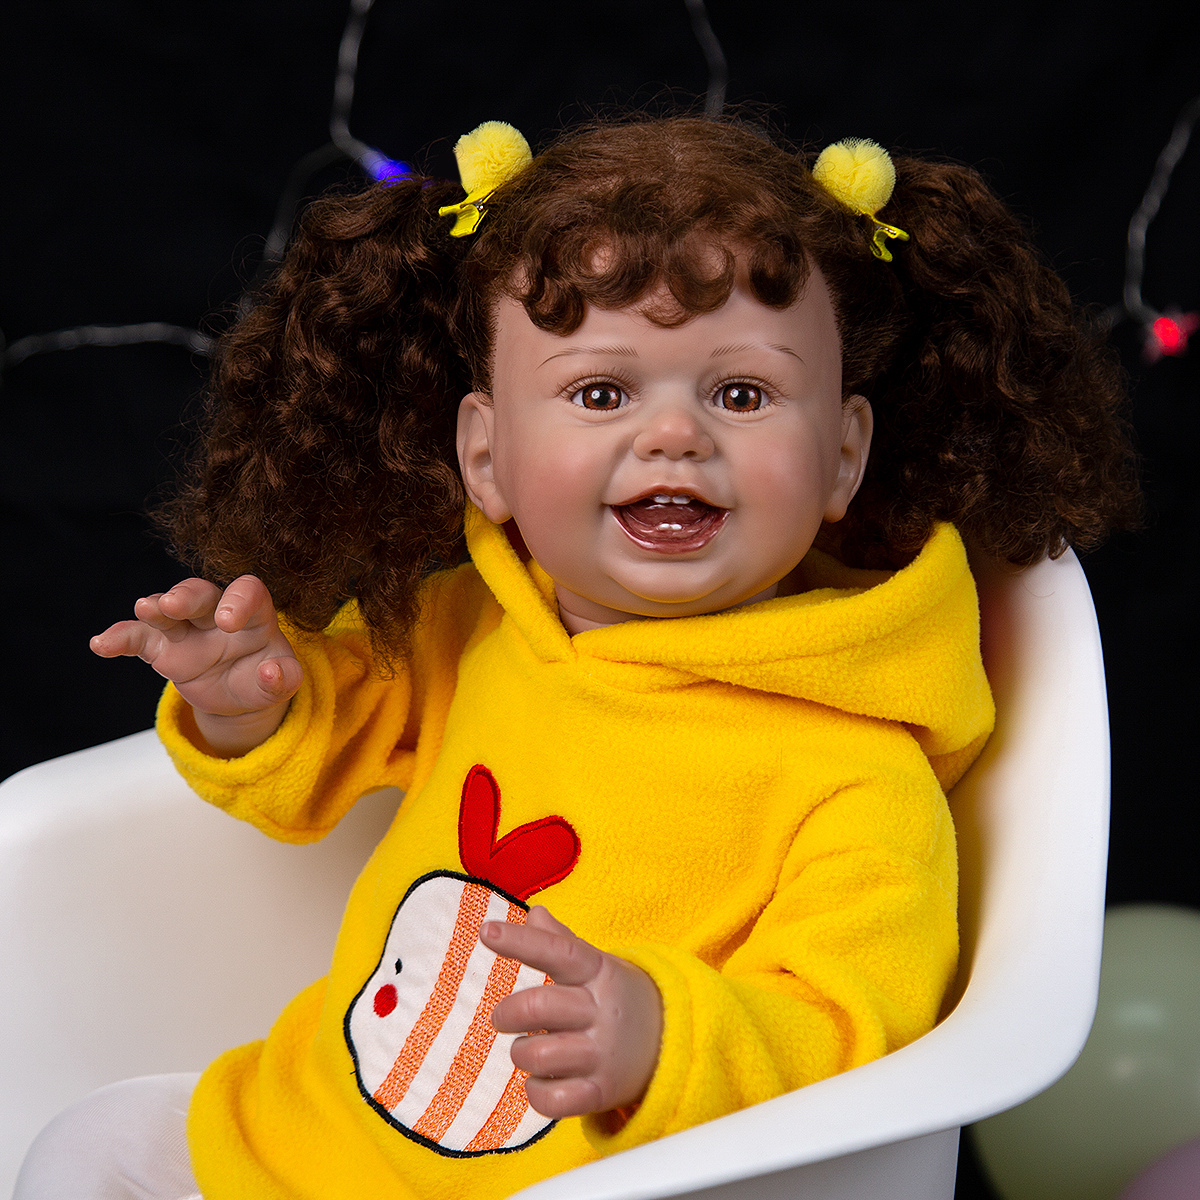 27 Inch Charming Lächeln Reborn Tuch Körper Baby Puppen Hand Paitning Lebensechte Verwurzelt Haar Newbron Puppe Spielzeug Kinder Geburtstag Geschenk